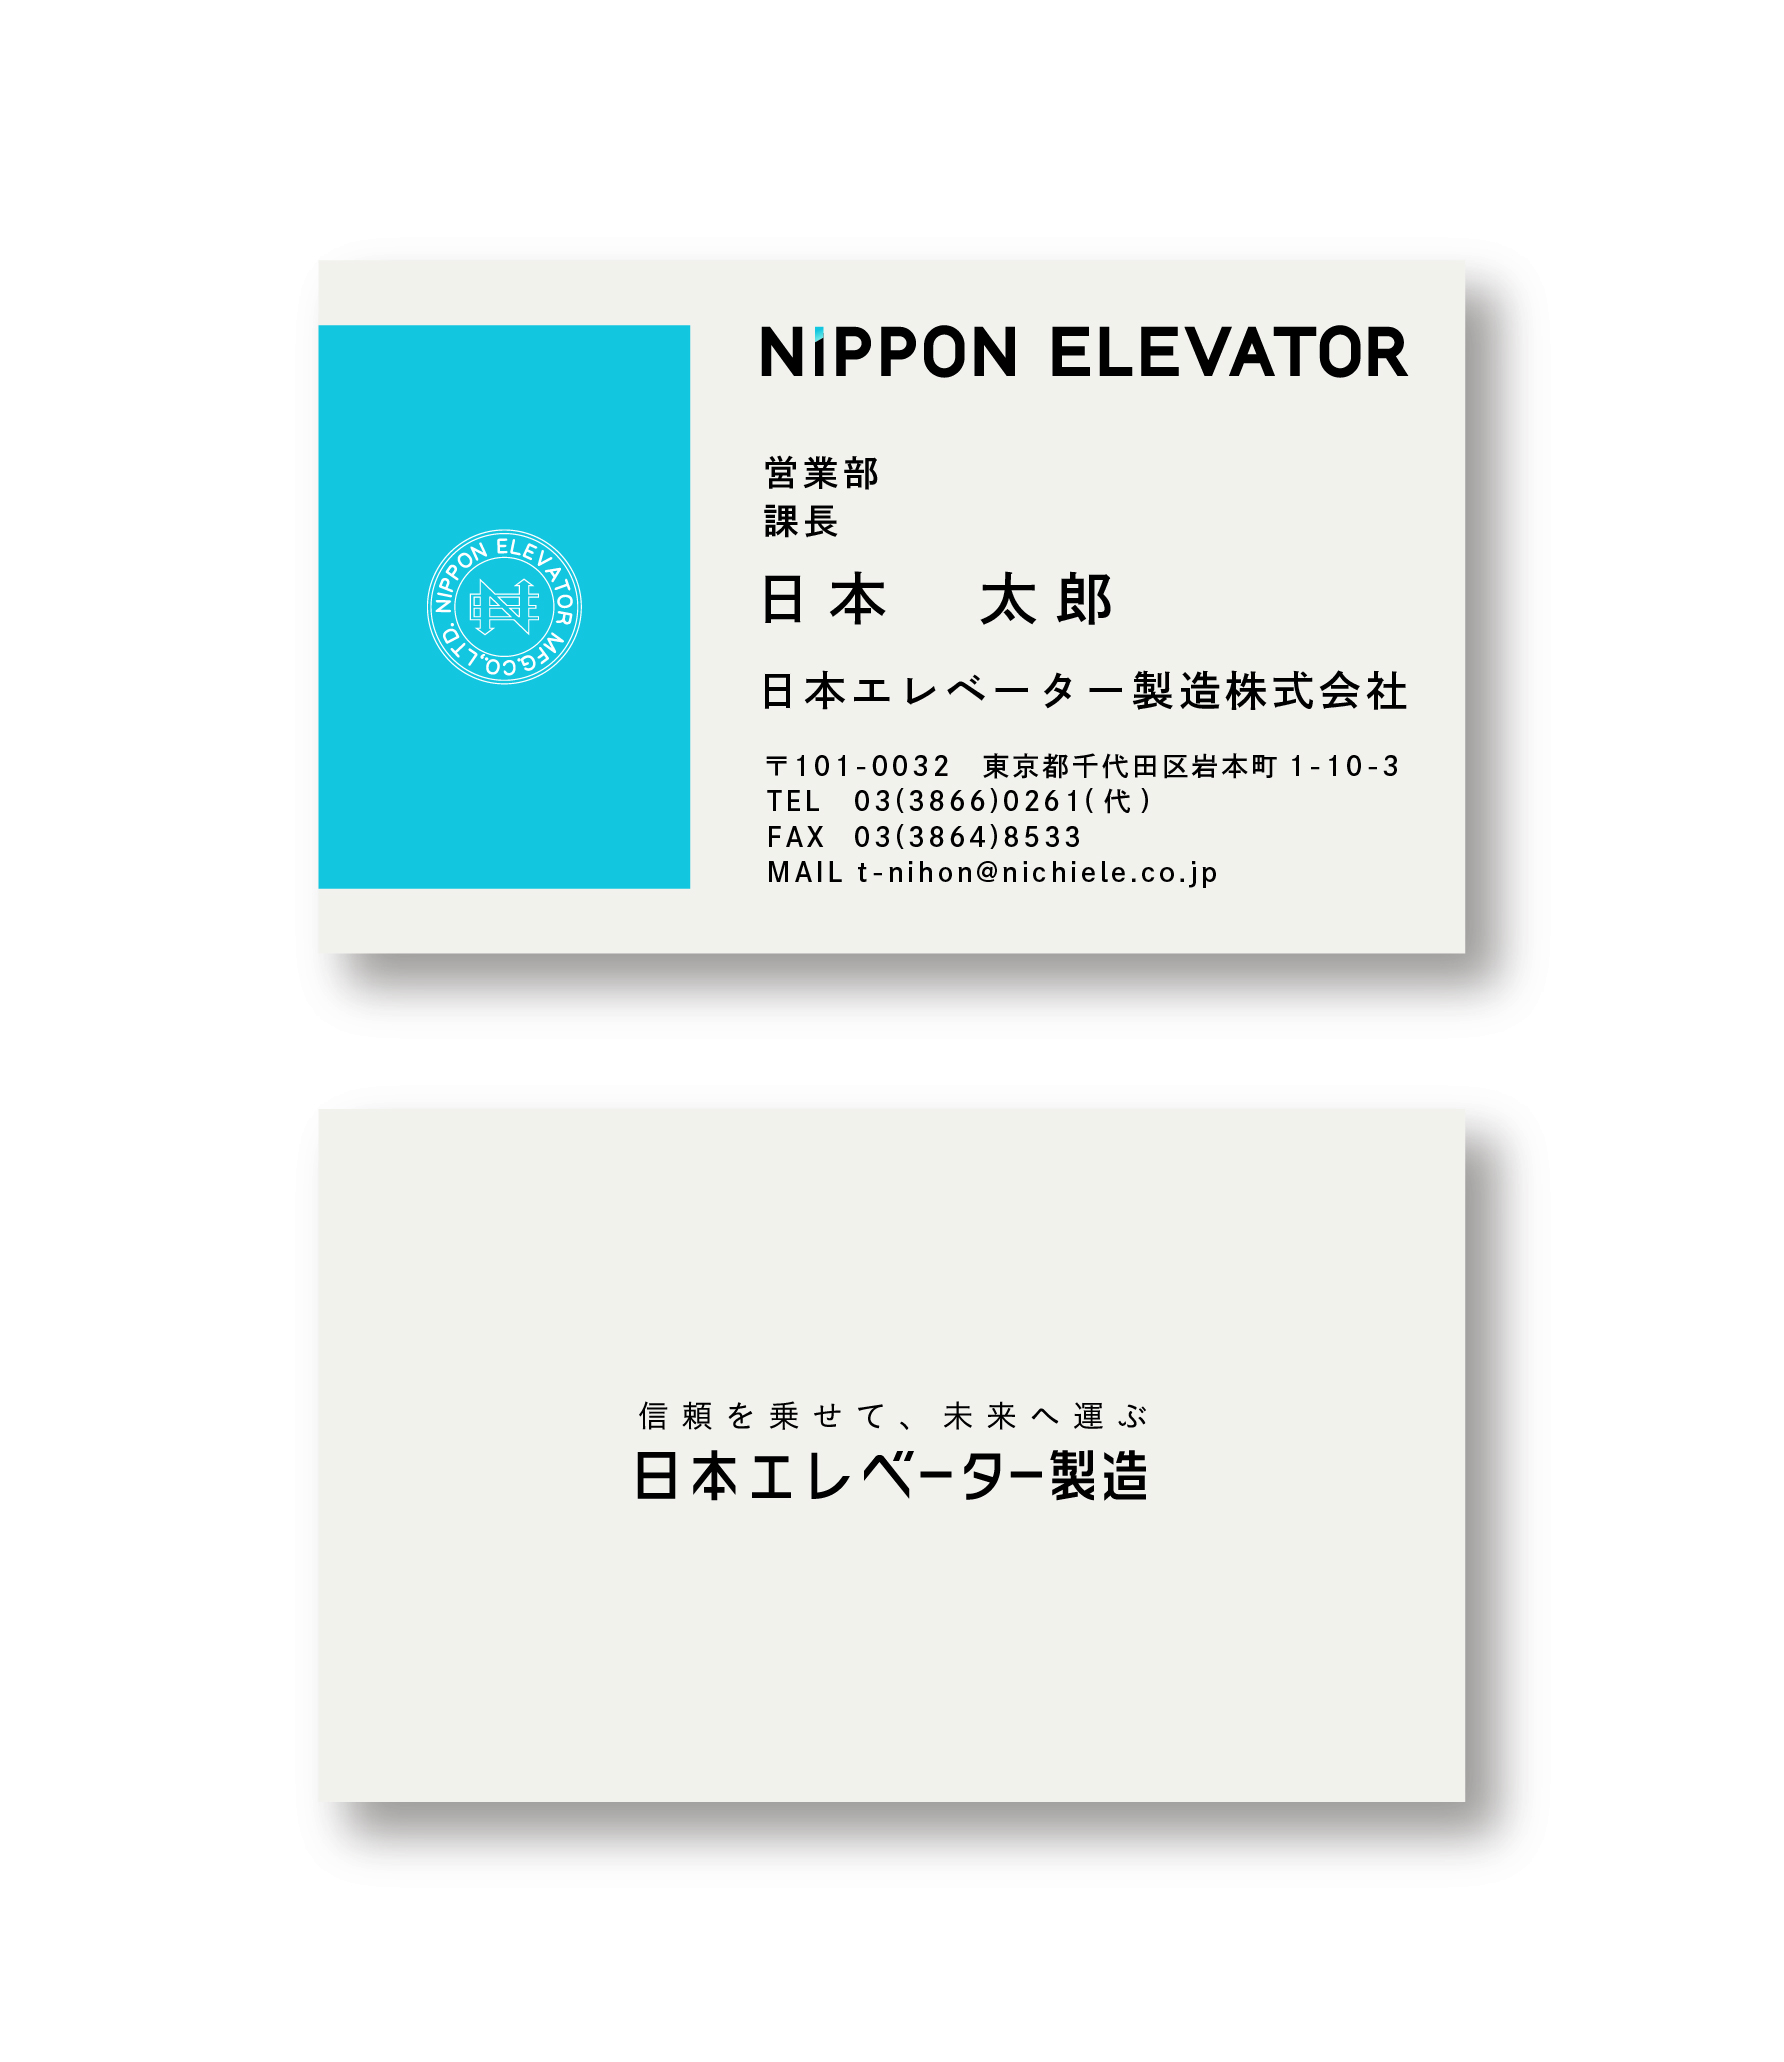 NIPPON ELEVATOR08